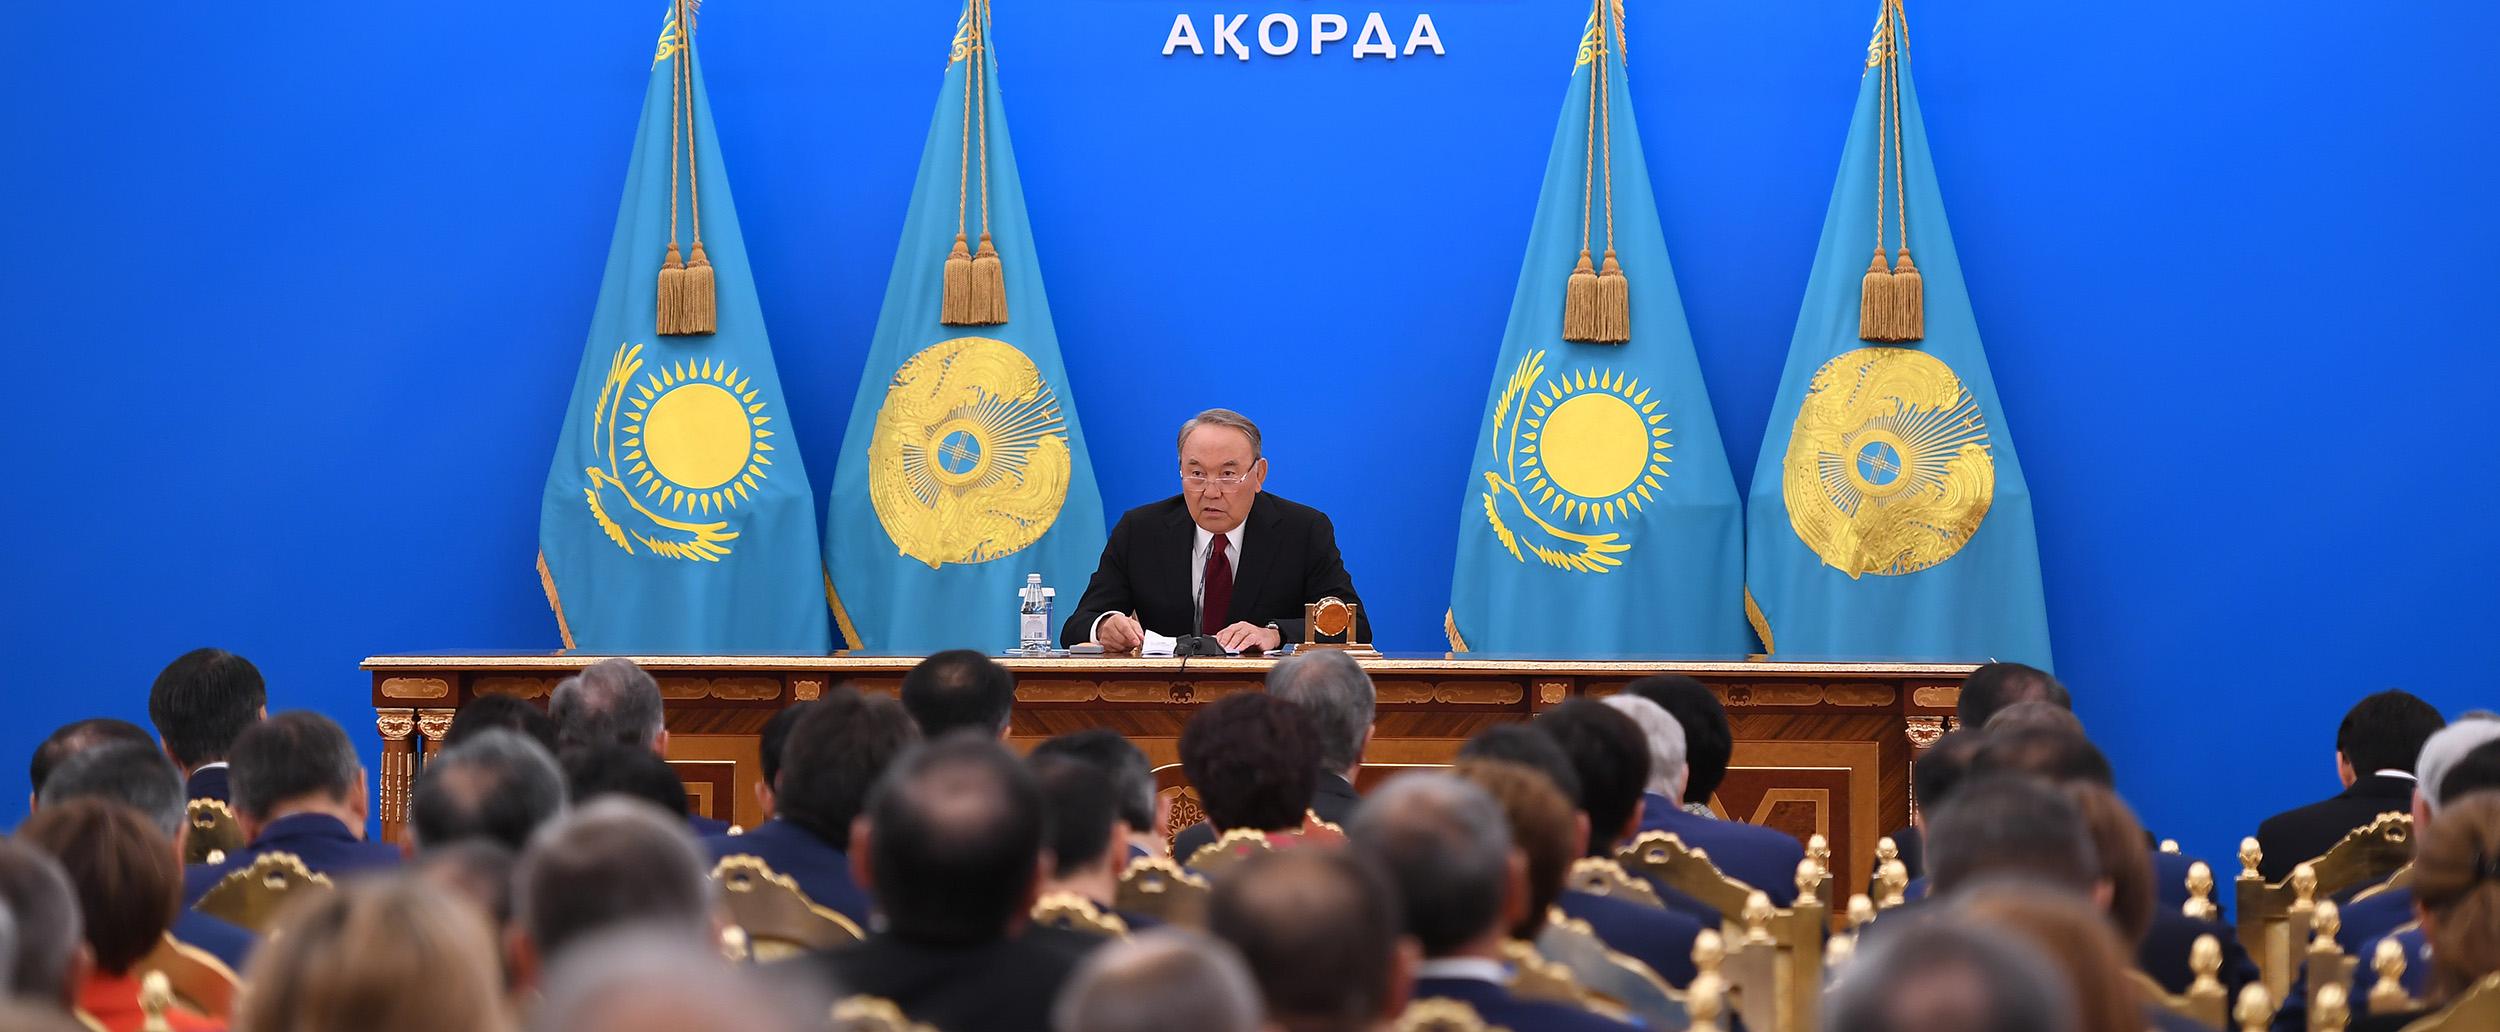 Полный текст Послания народу Казахстана